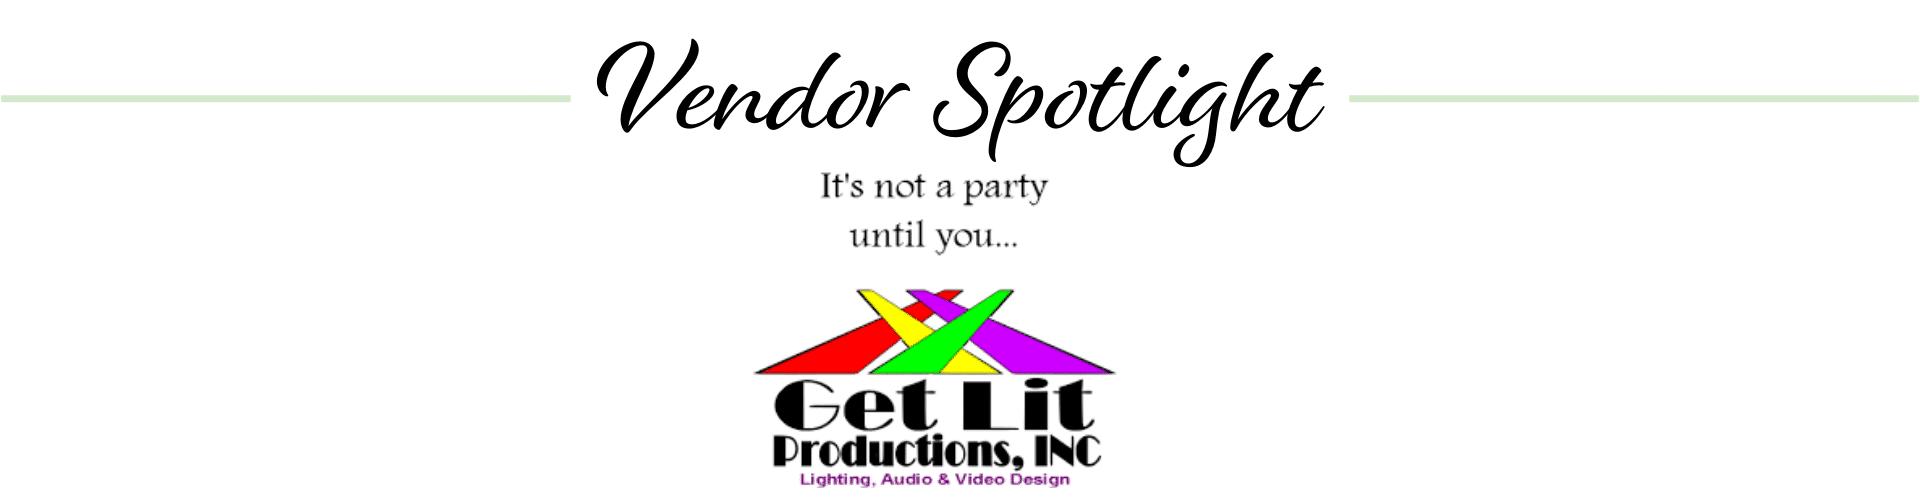 Get Lit Productions logo